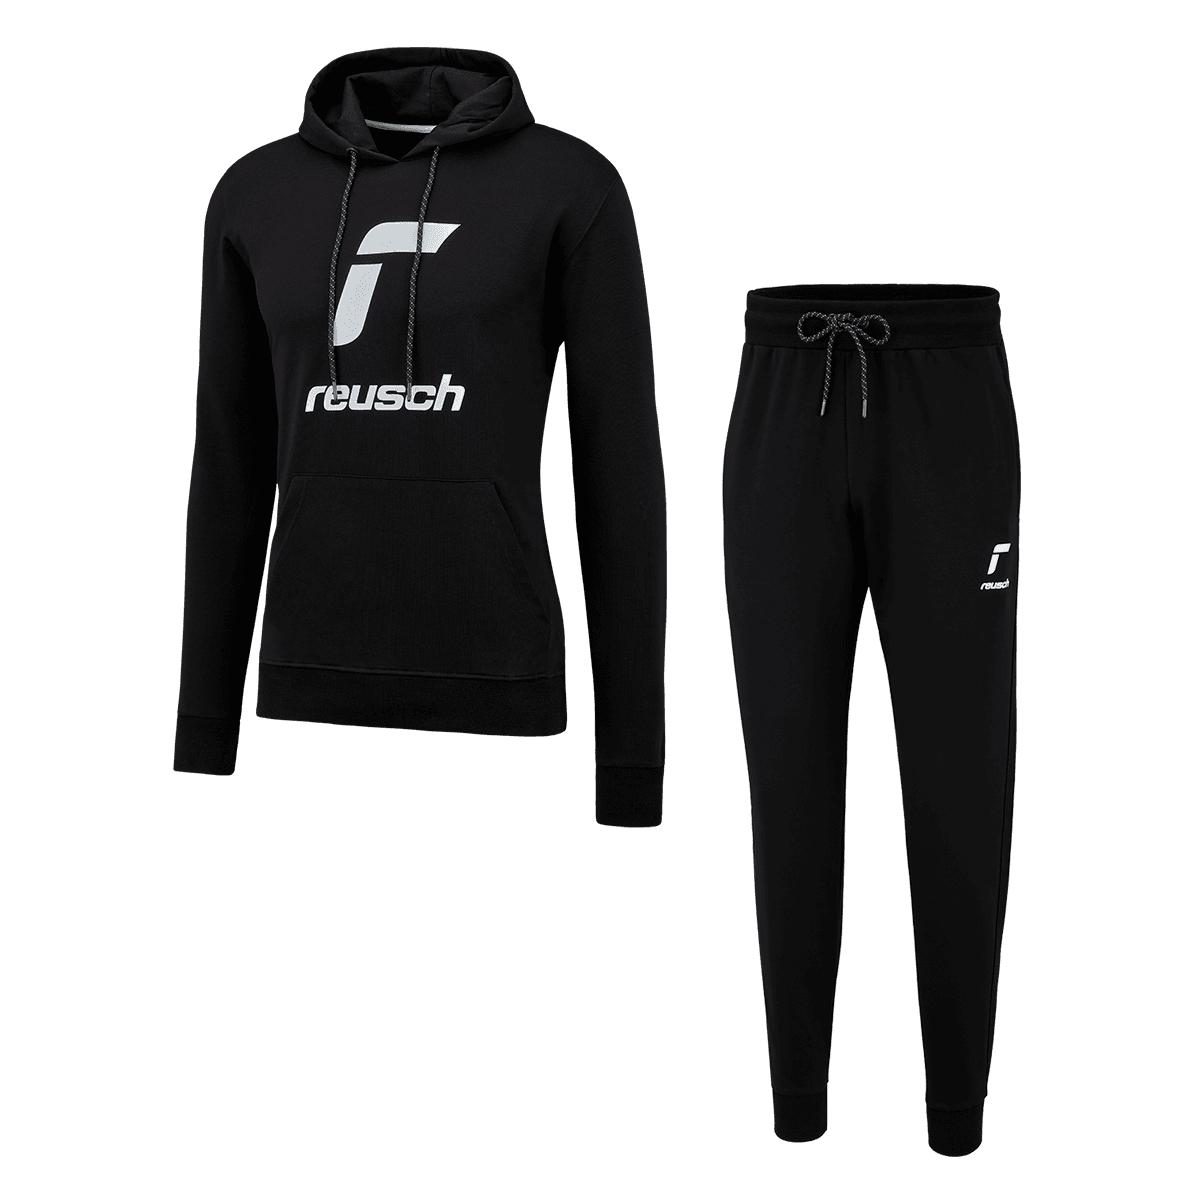 Ensemble sportif (2 pièces) Reusch Essentials Logo pour Homme - Tailles S à XXL